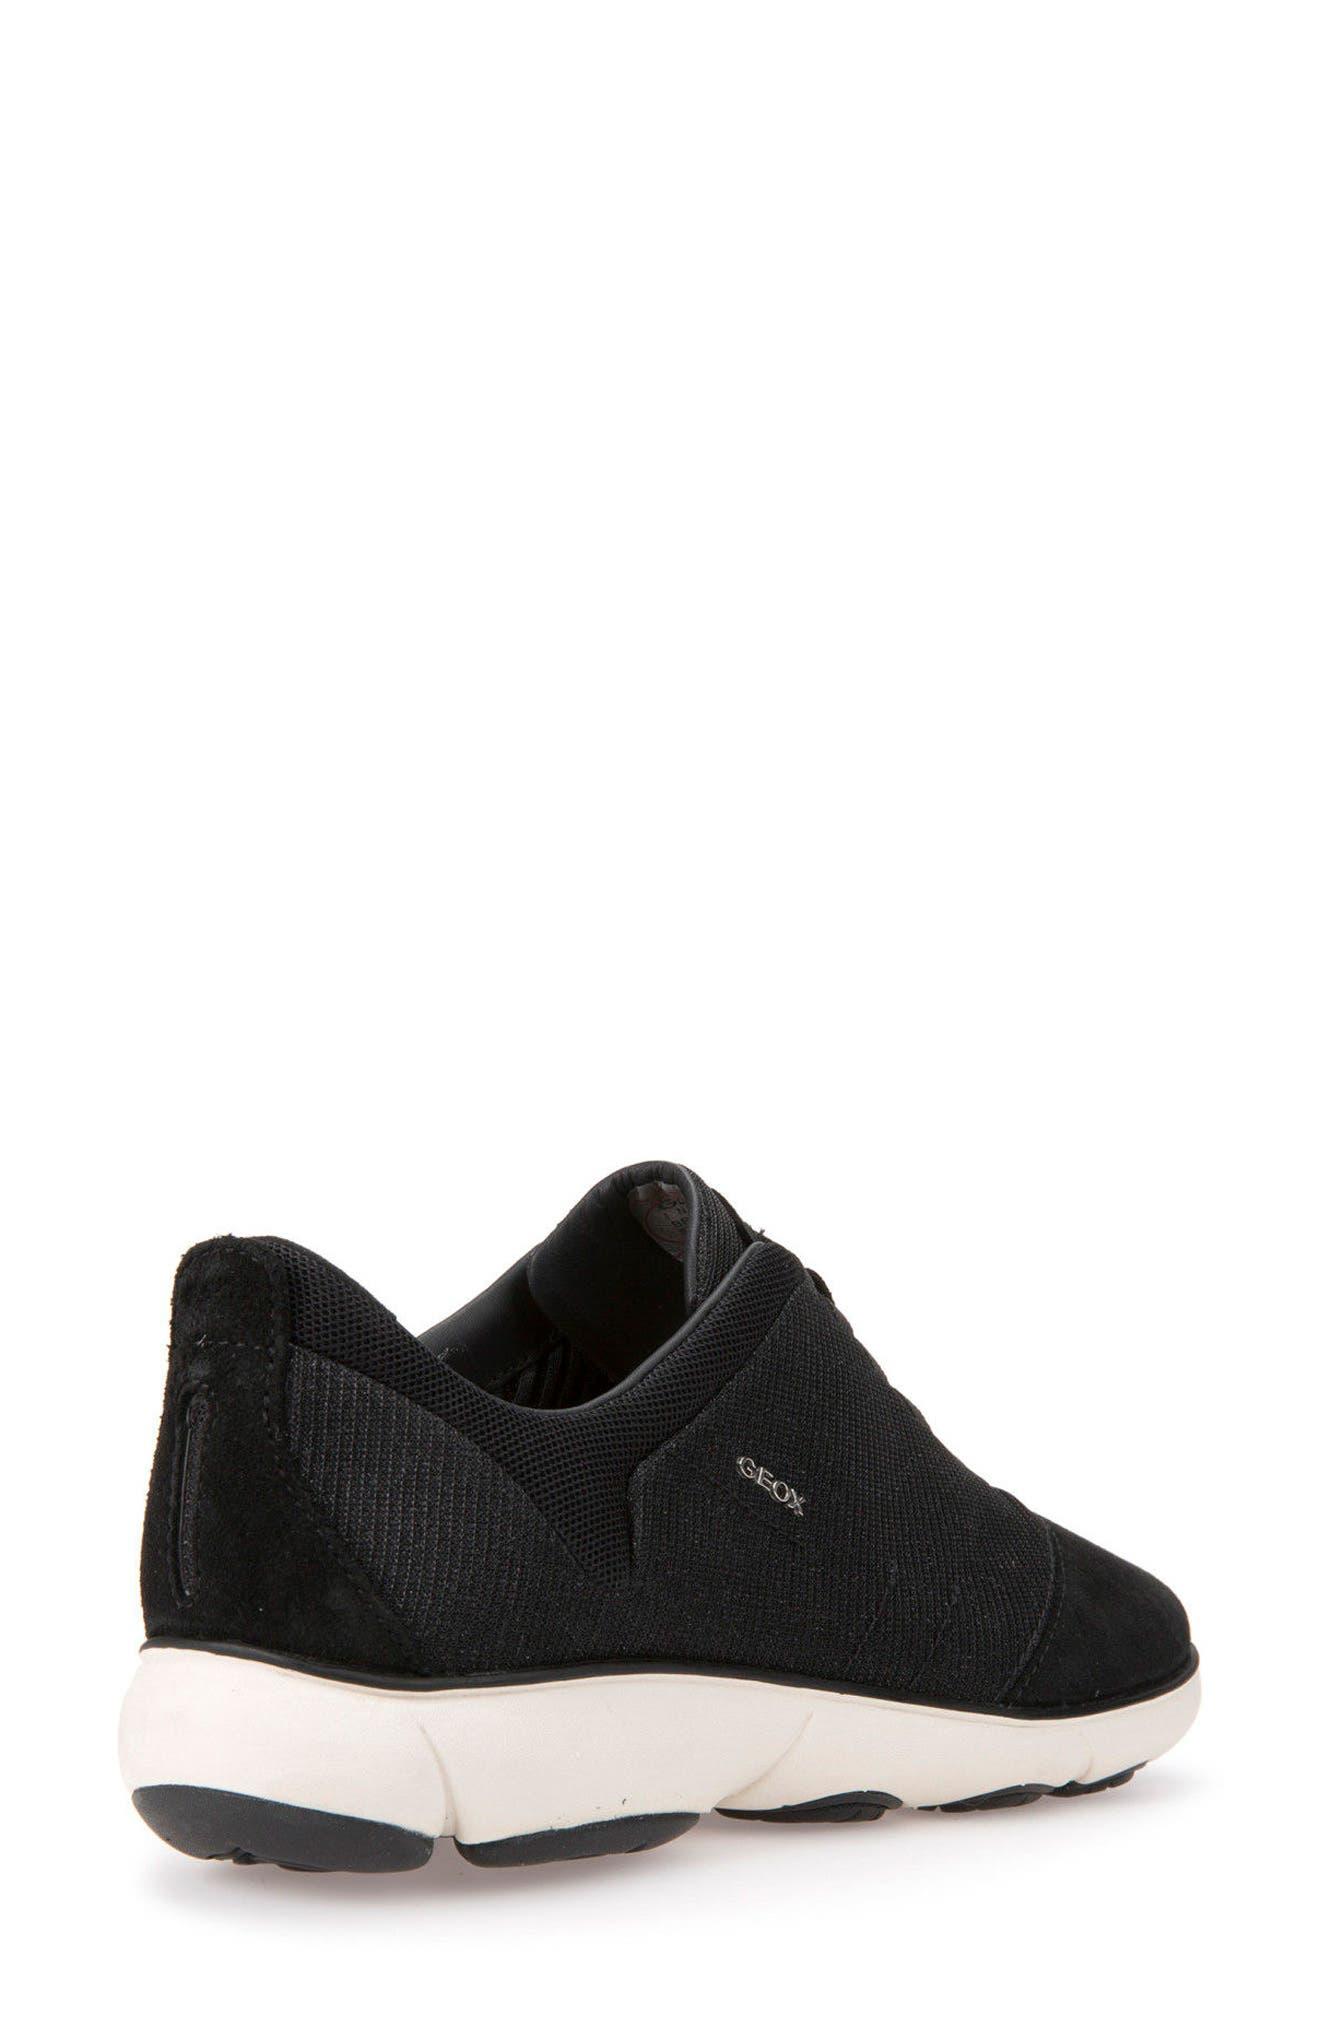 Nebula Slip-On Sneaker,                             Alternate thumbnail 2, color,                             001